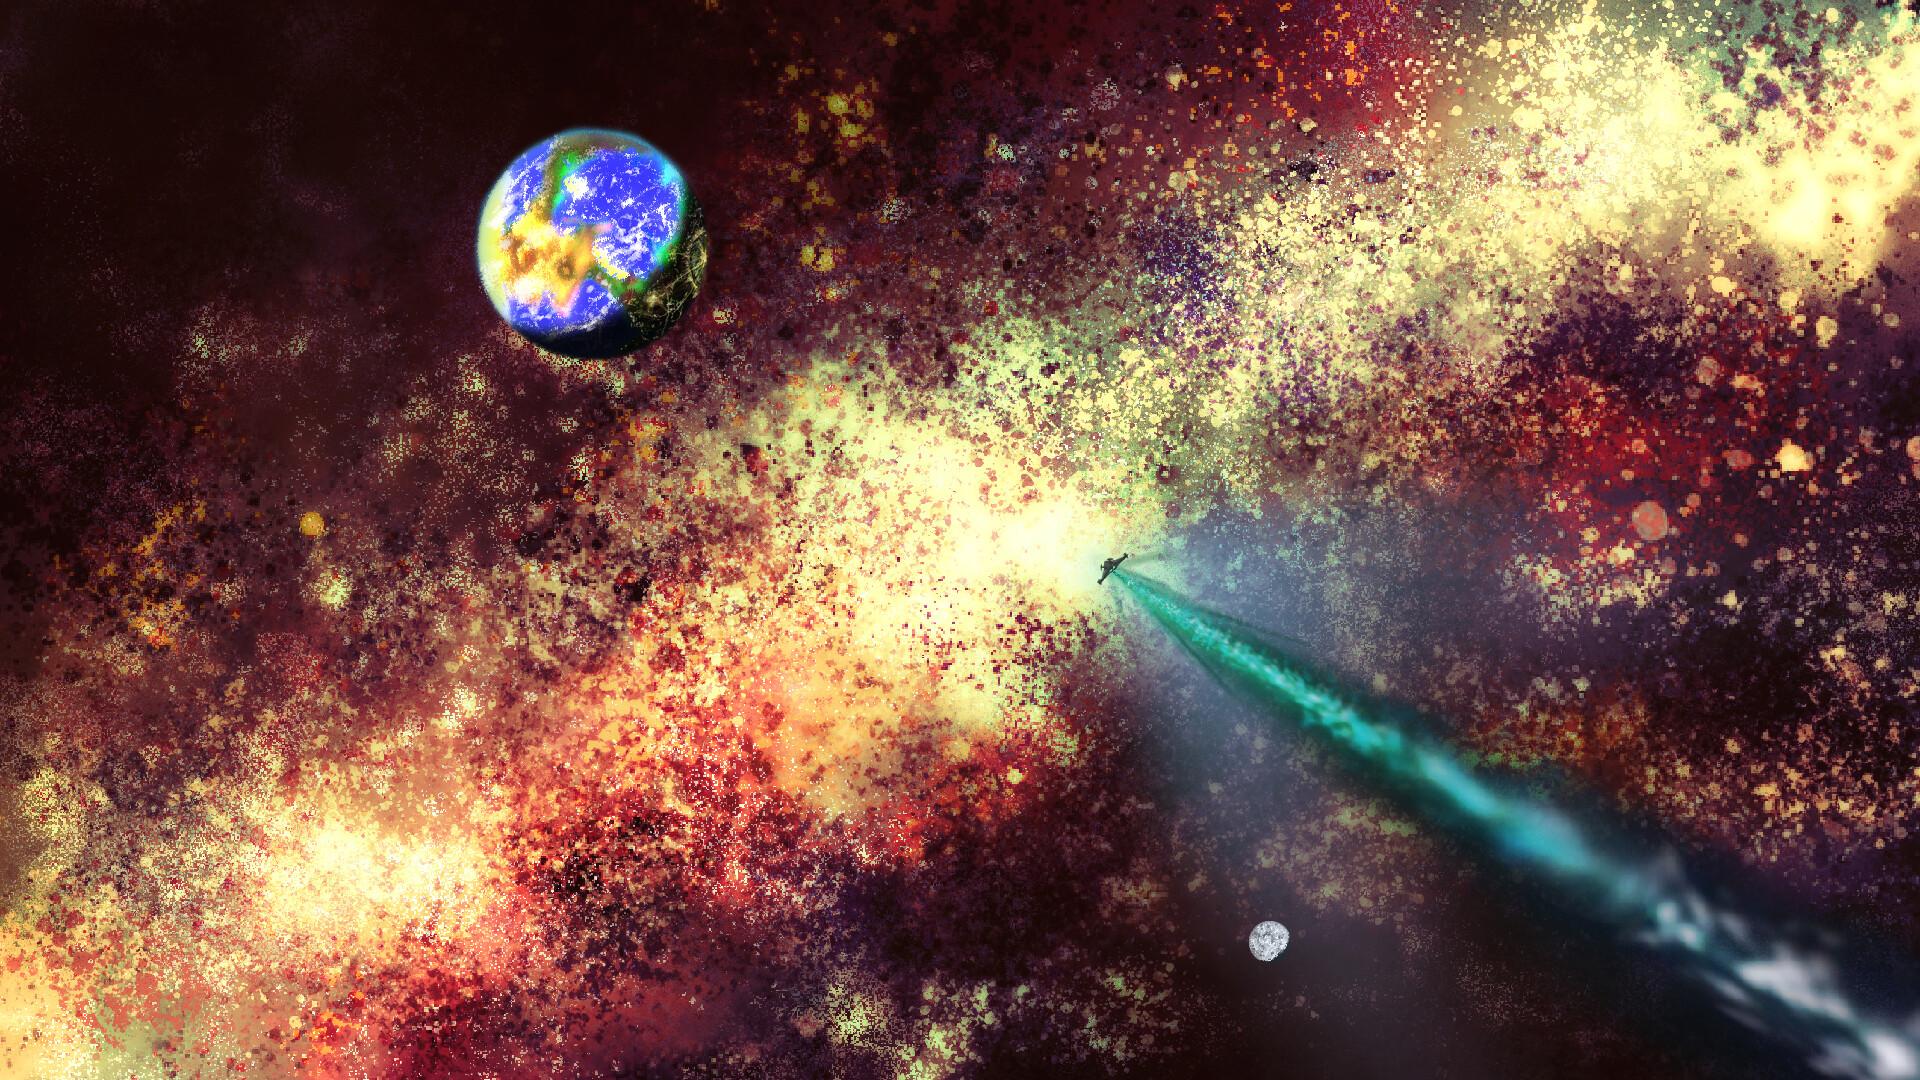 Alexander laheij planet in spaceeee